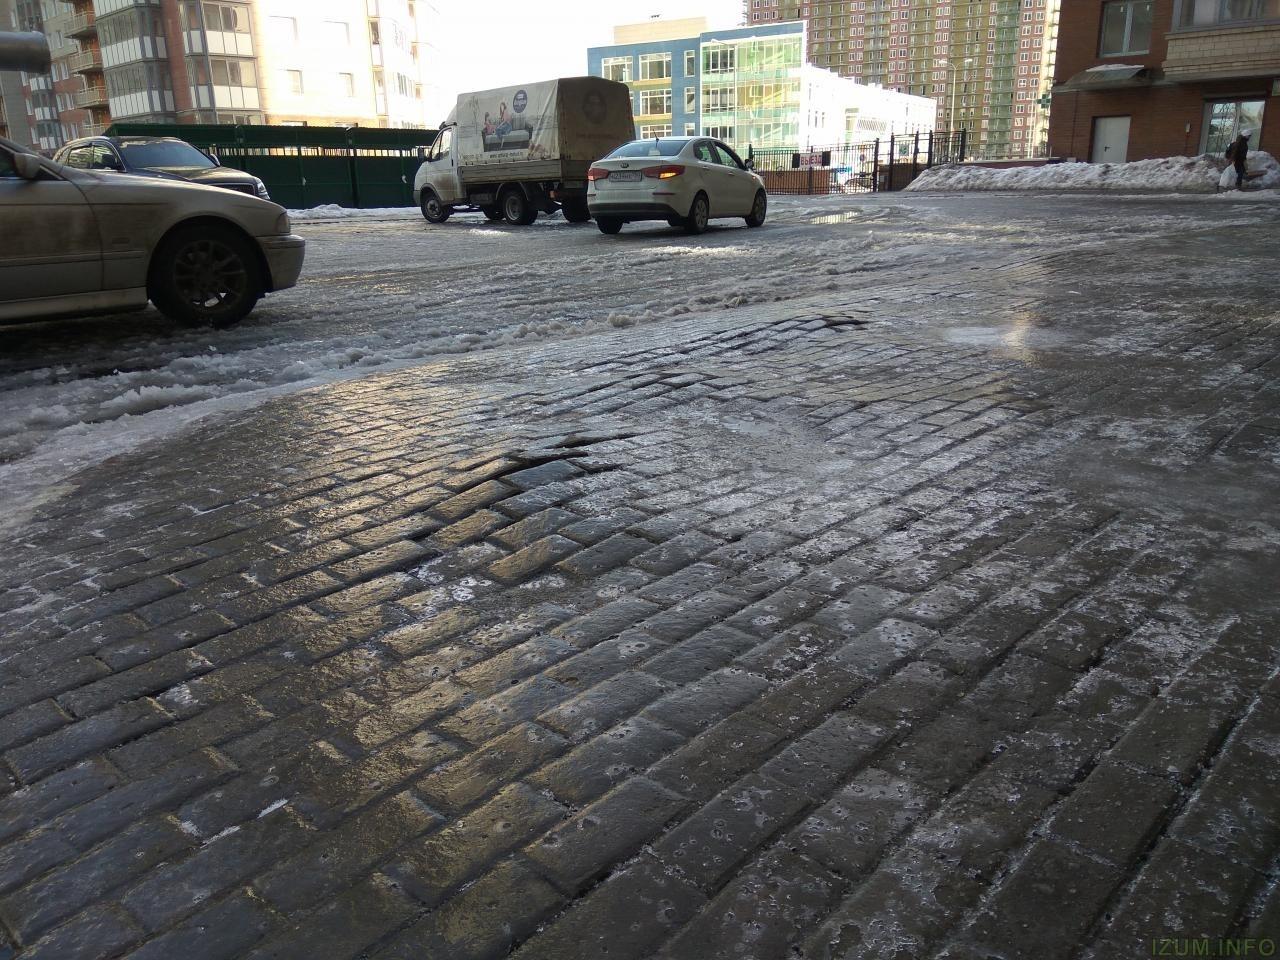 Изумрудные холмы тратуары кривые и во льду (6).jpg